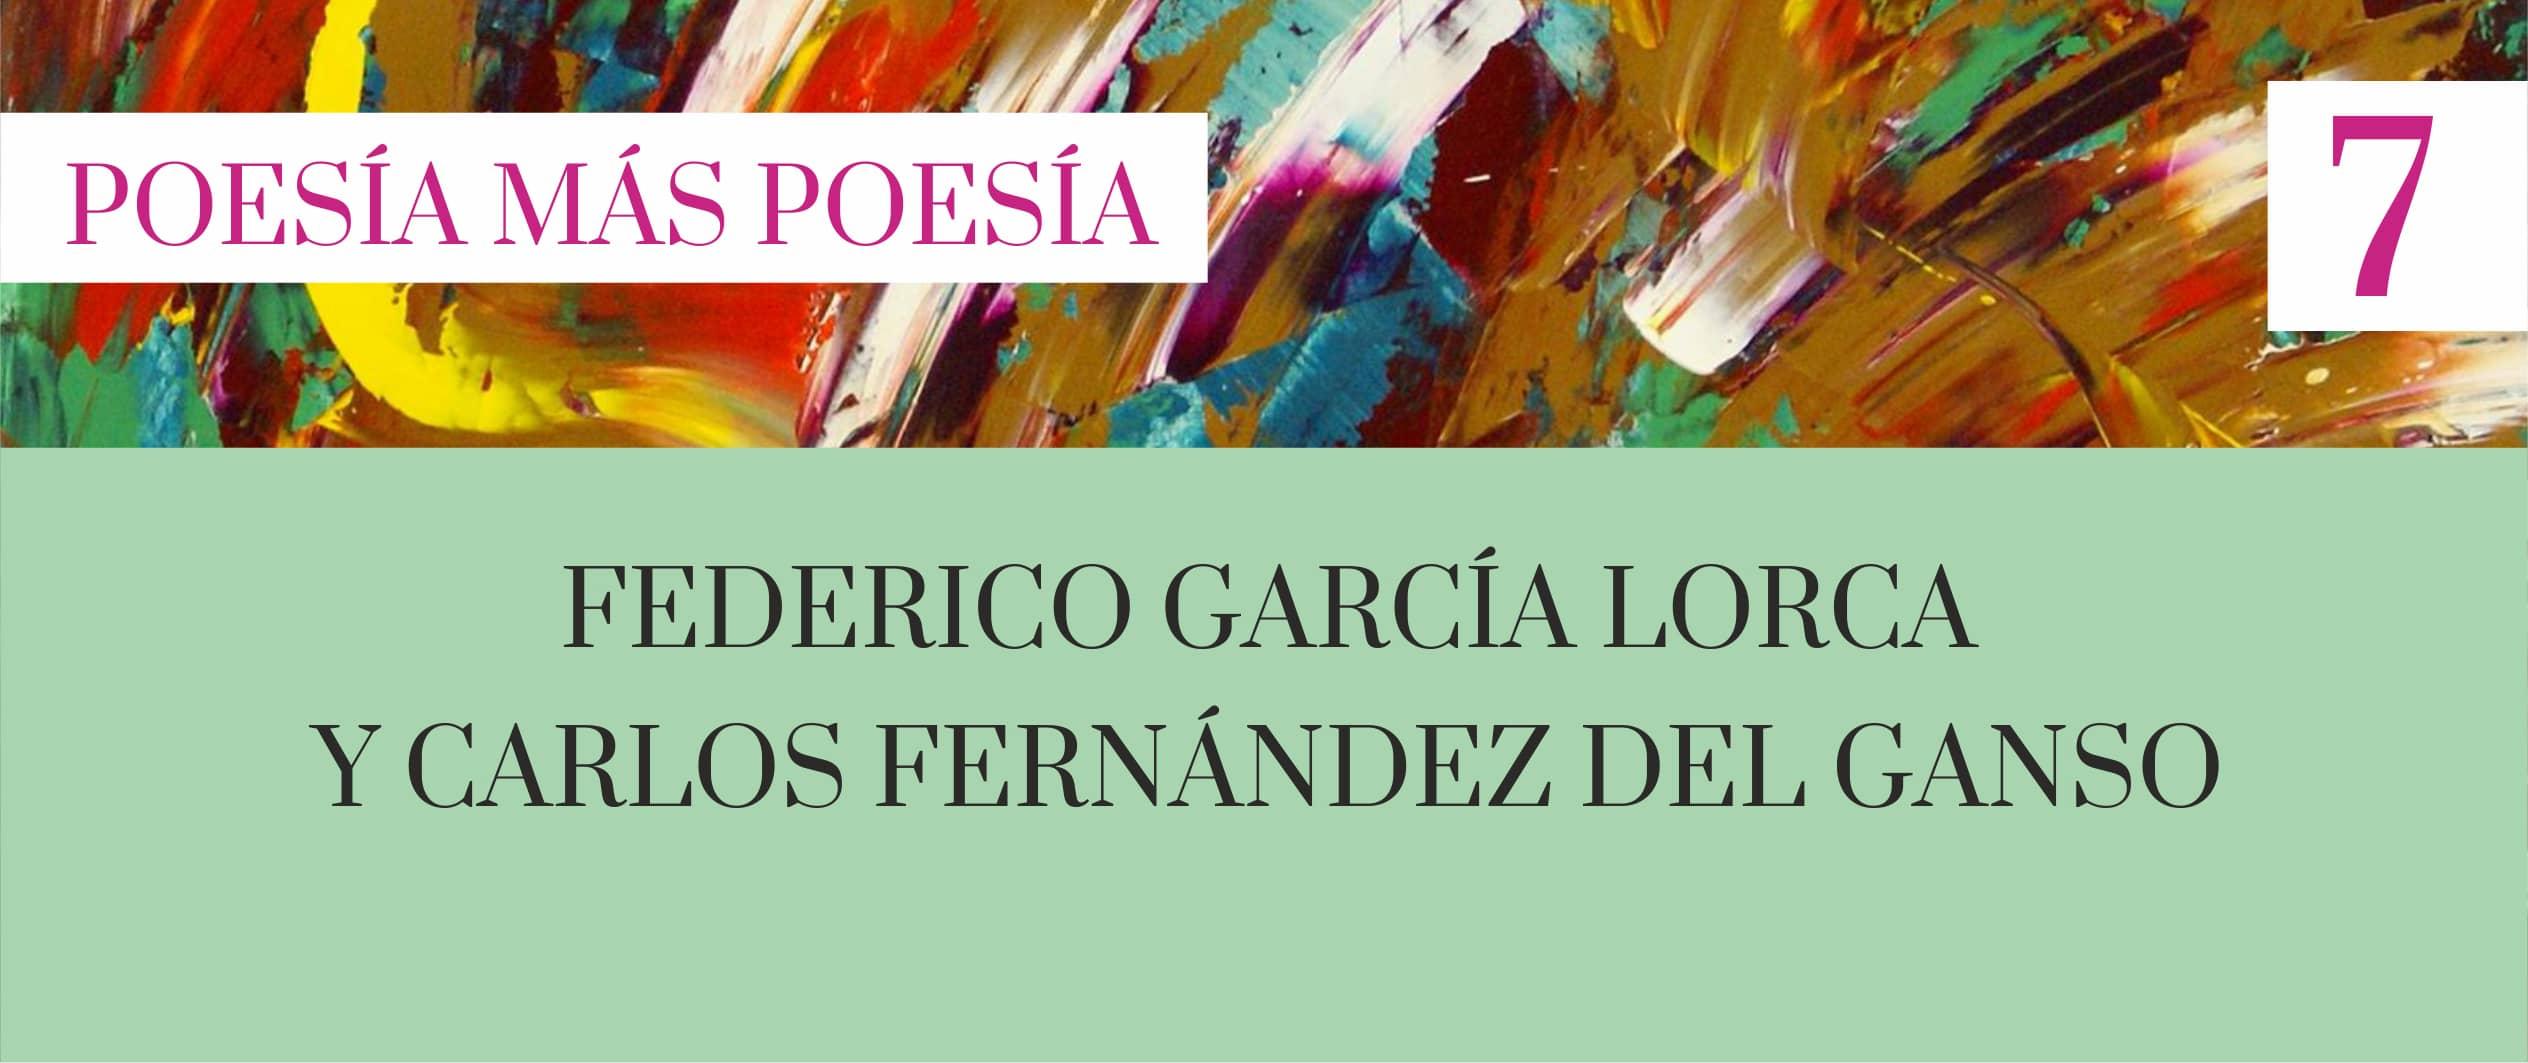 7 lorca com - Poesia Online